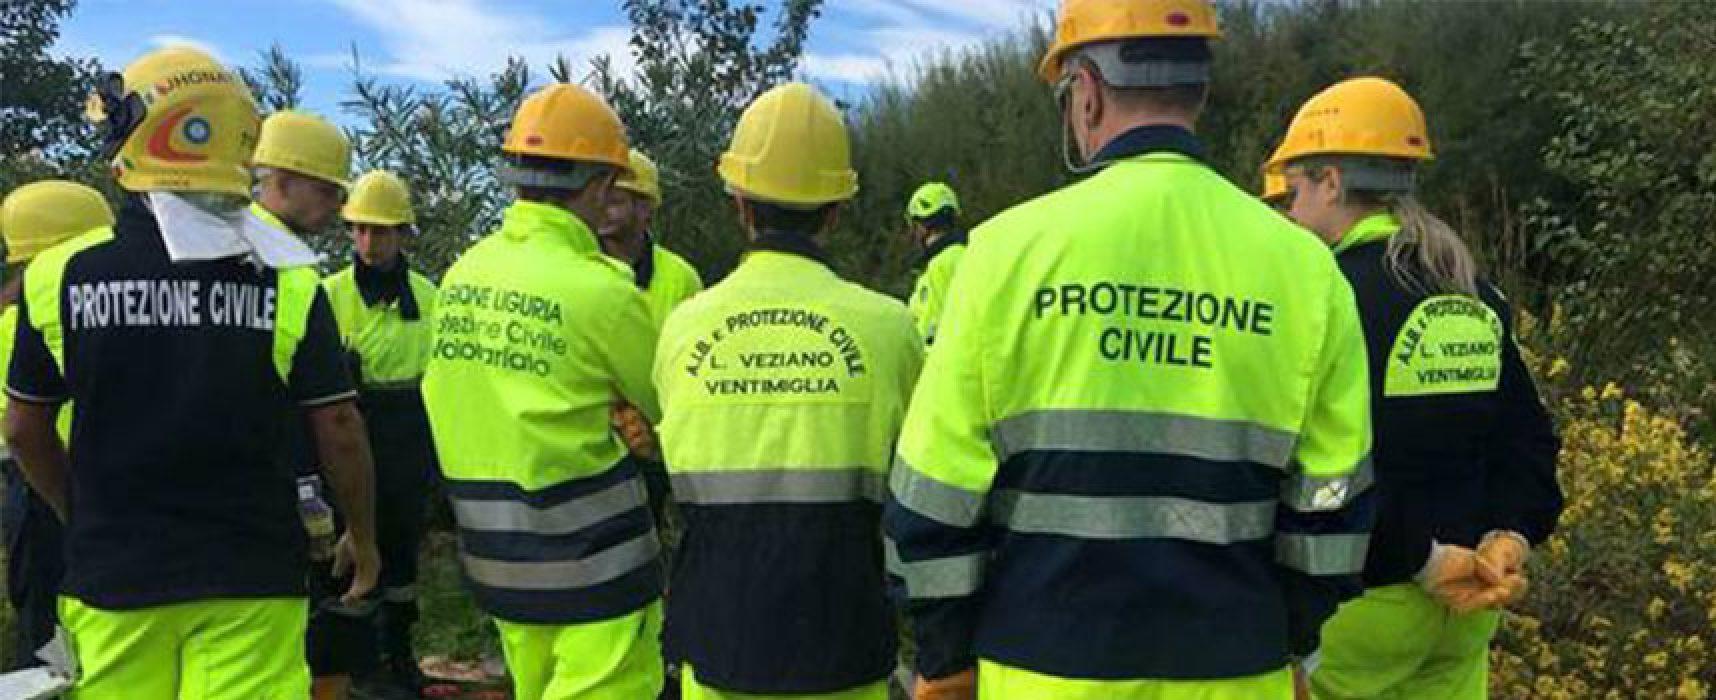 Comune di Bisceglie, 30mila euro di finanziamento per aggiornamento piano Protezione Civile